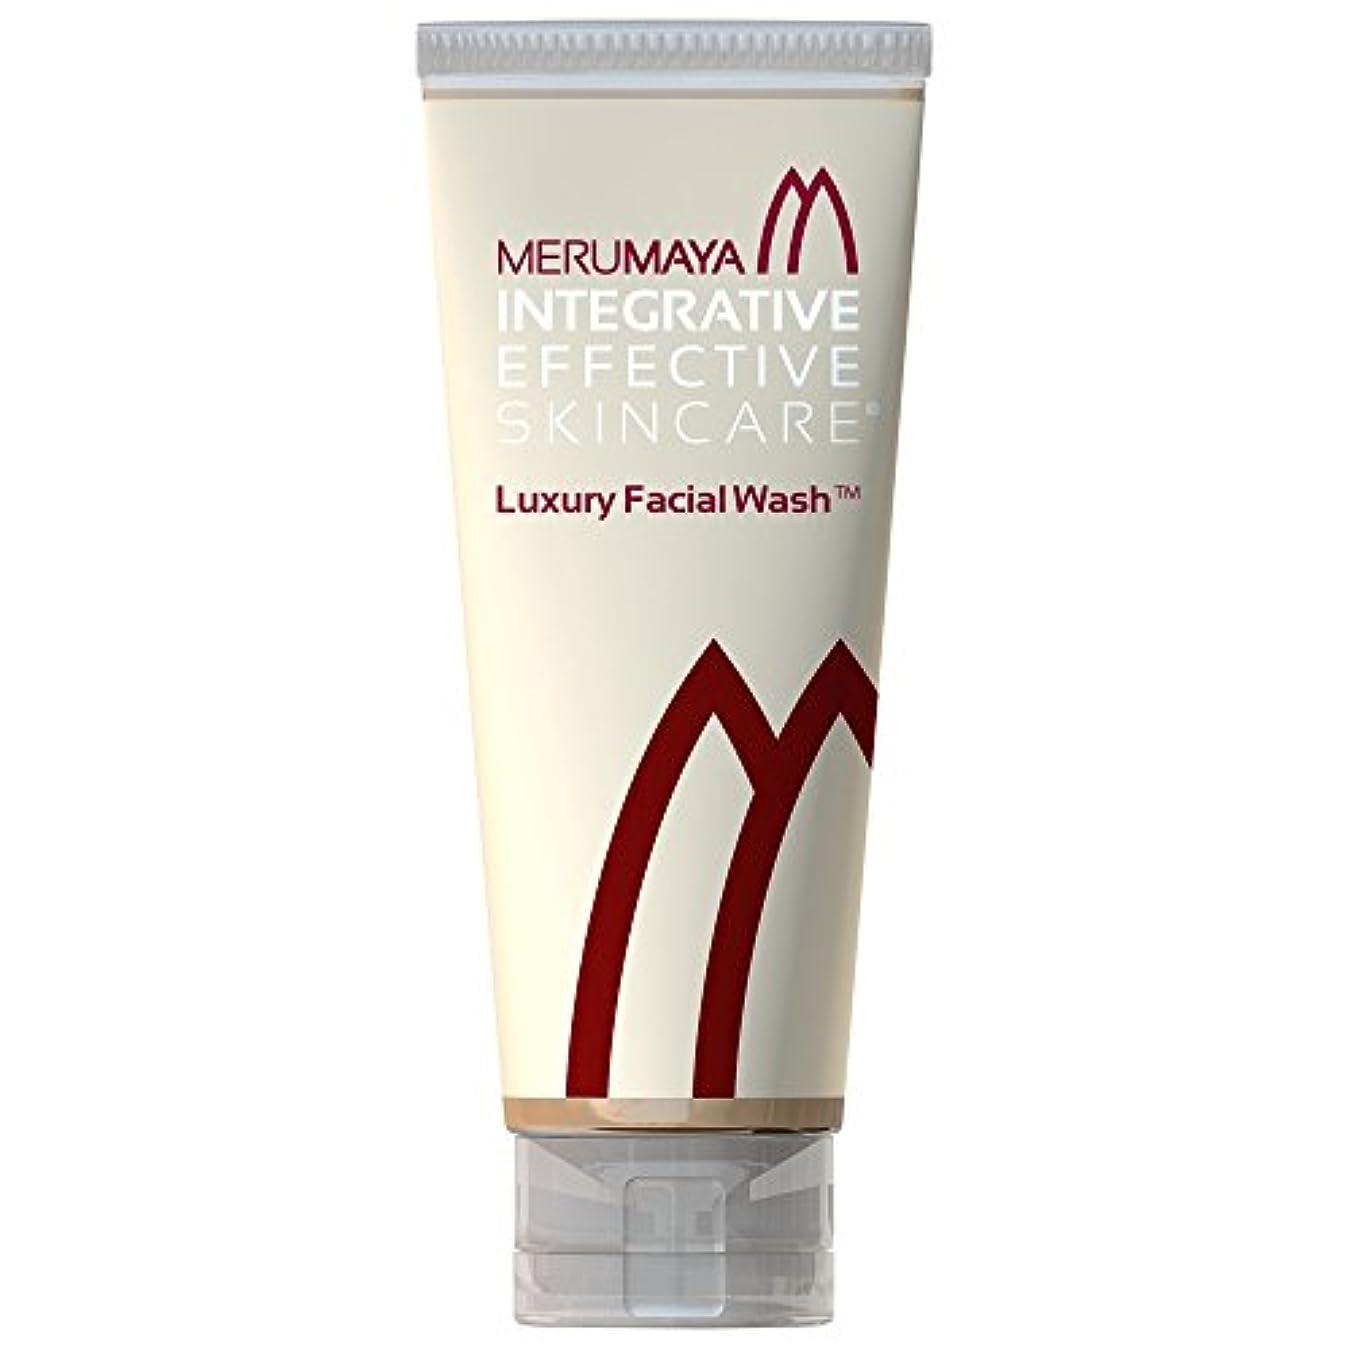 にやにや浸す愛Merumaya高級洗顔?、100ミリリットル (Merumaya) - MERUMAYA Luxury Facial Wash?, 100ml [並行輸入品]